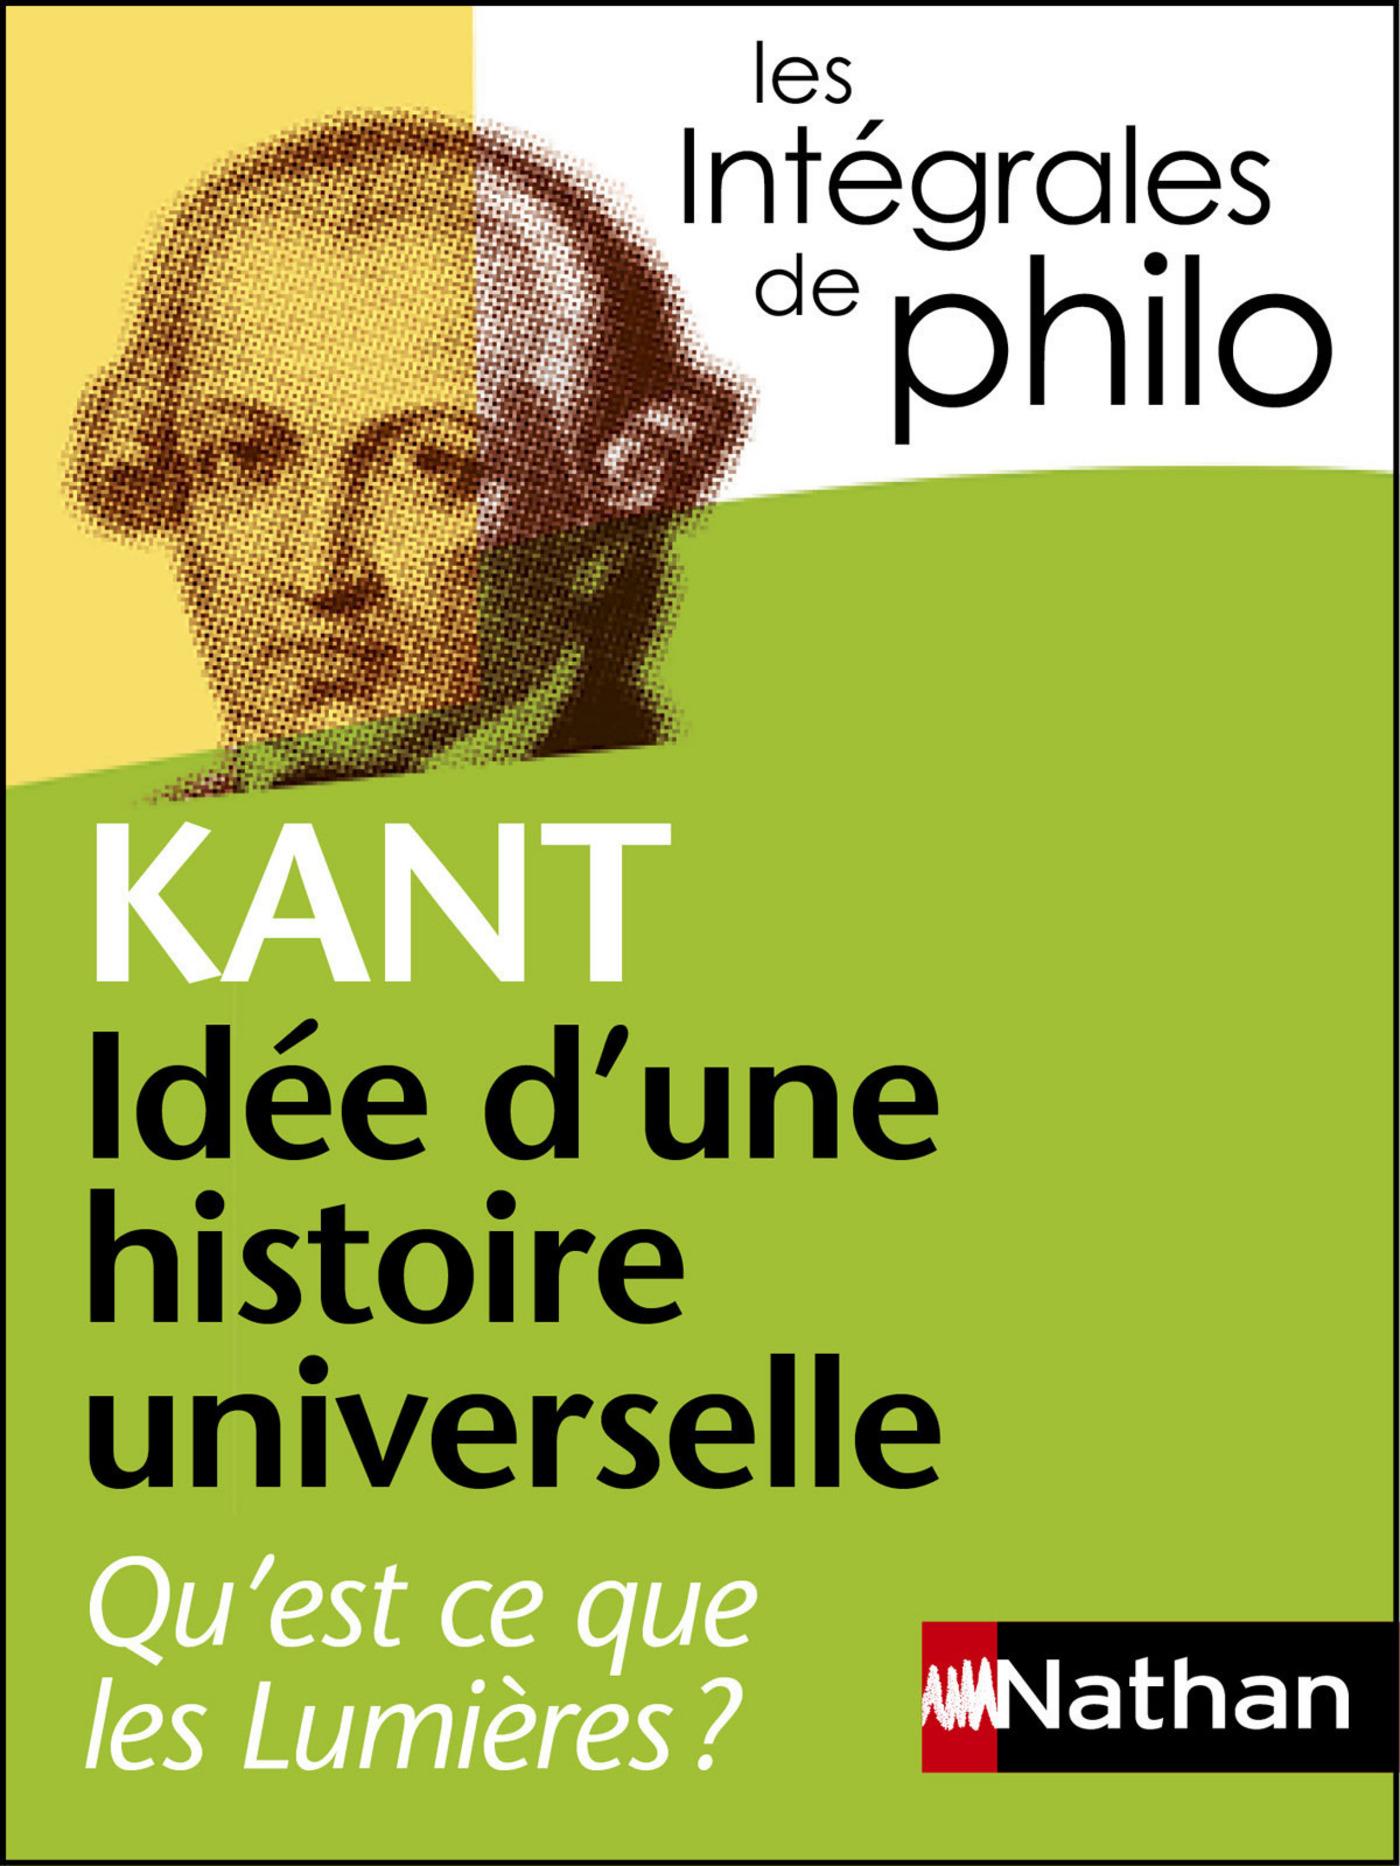 Intégrales de Philo - KANT, Idée d'une histoire universelle : Qu'est-ce que les Lumières?